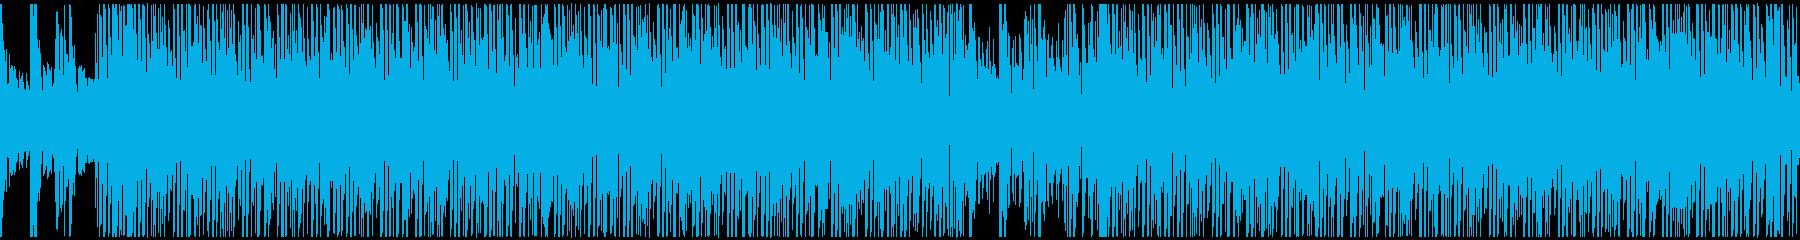 パズルゲーム風コミカルなサウンドループの再生済みの波形